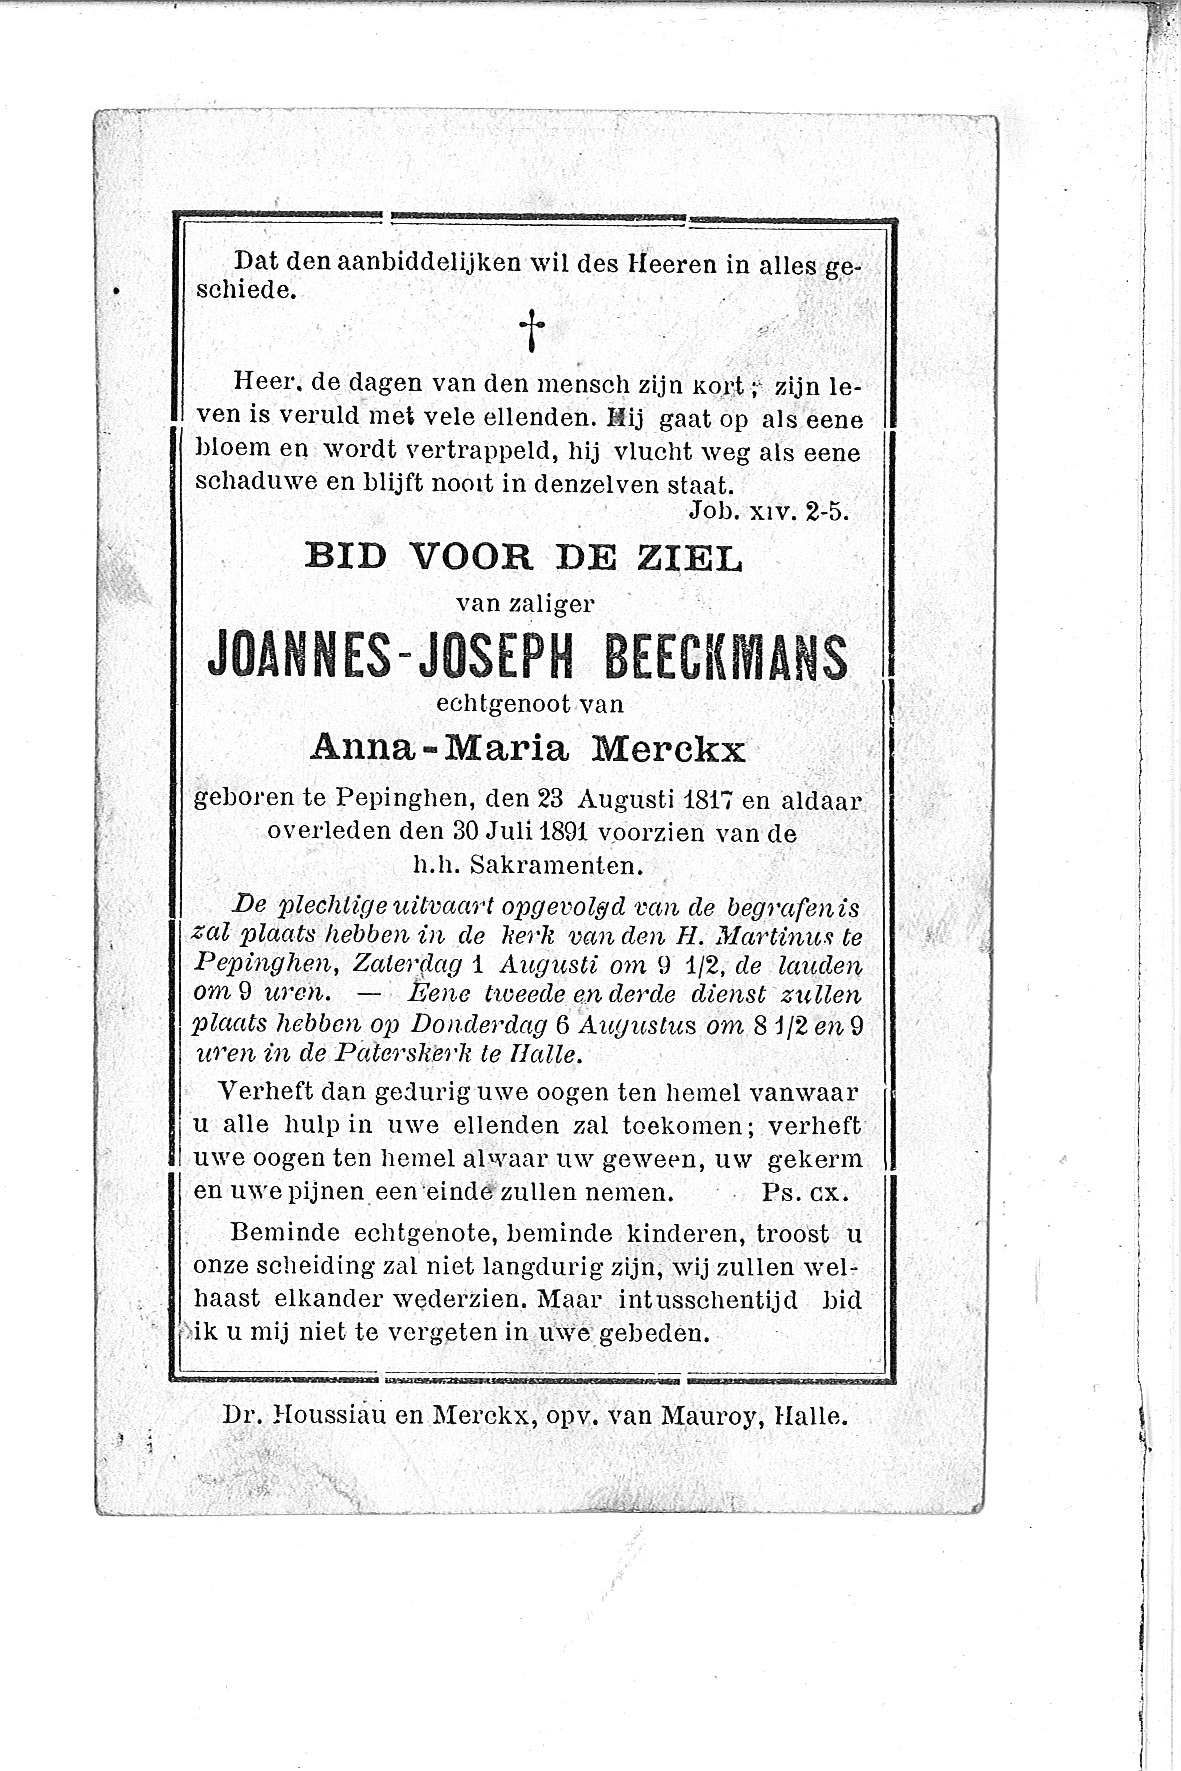 Joannes-Joseph(1891)20101126132451_00027.jpg